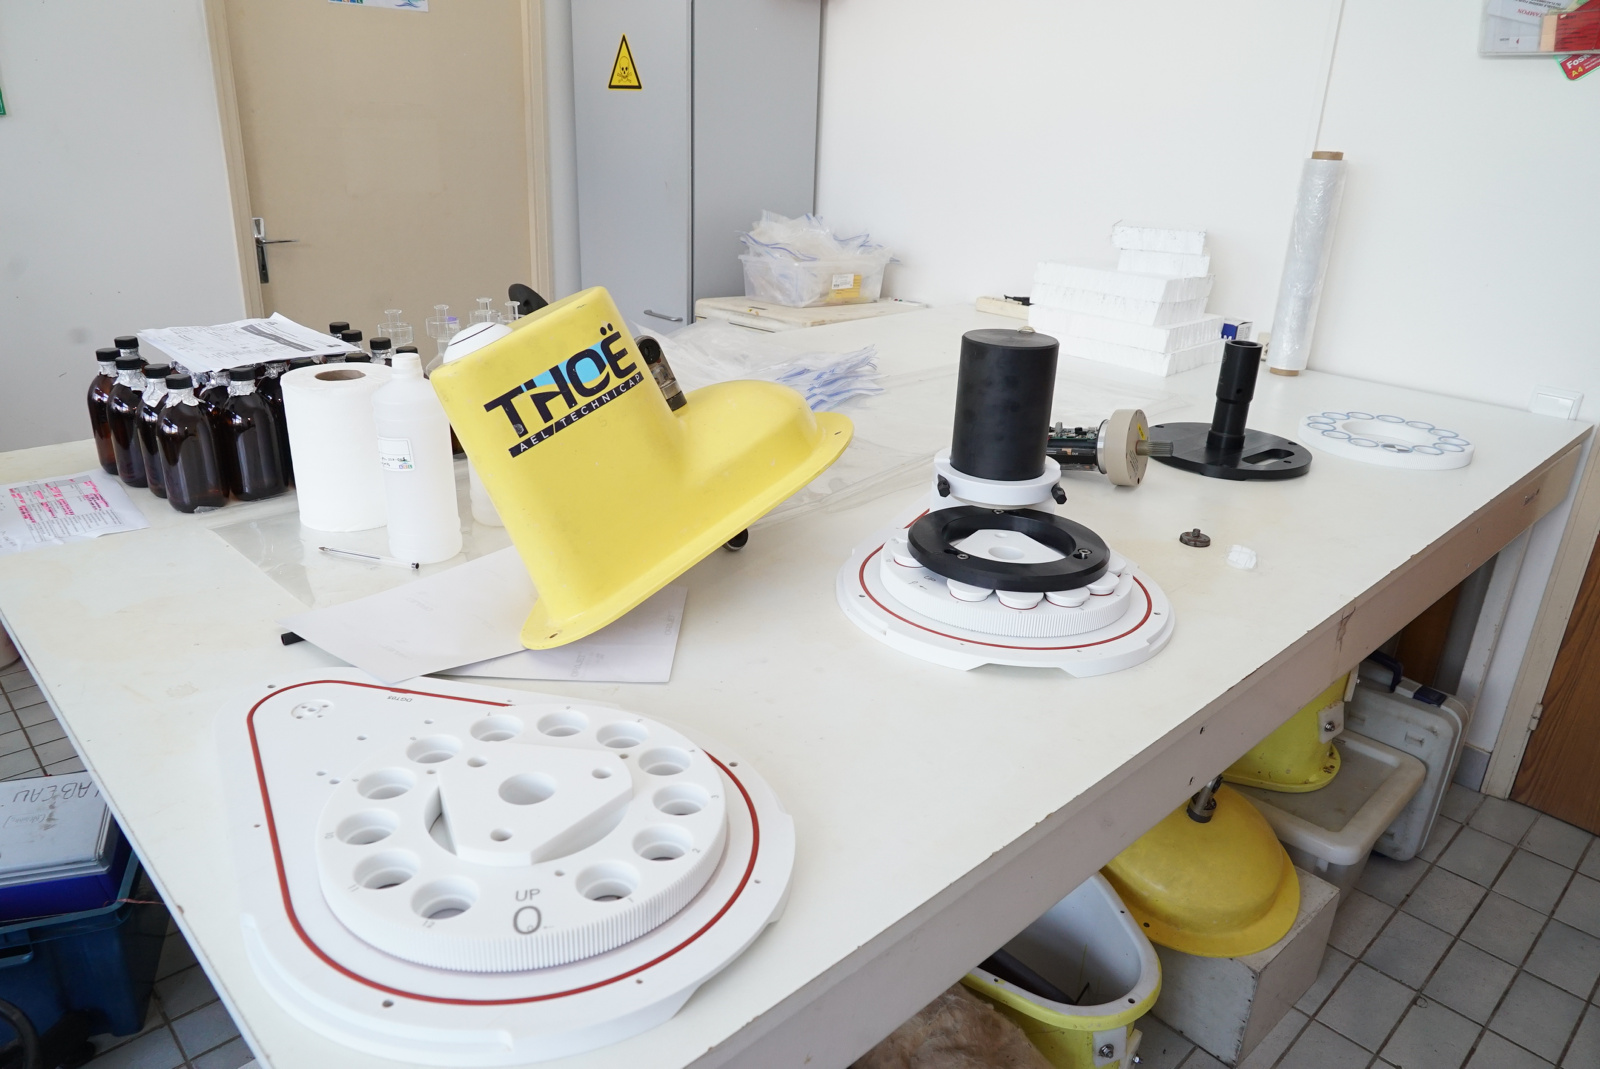 Innovation en Nouvelle-Calédonie : THOË, un robot analyseur d'eau, breveté et 100% Calédonien